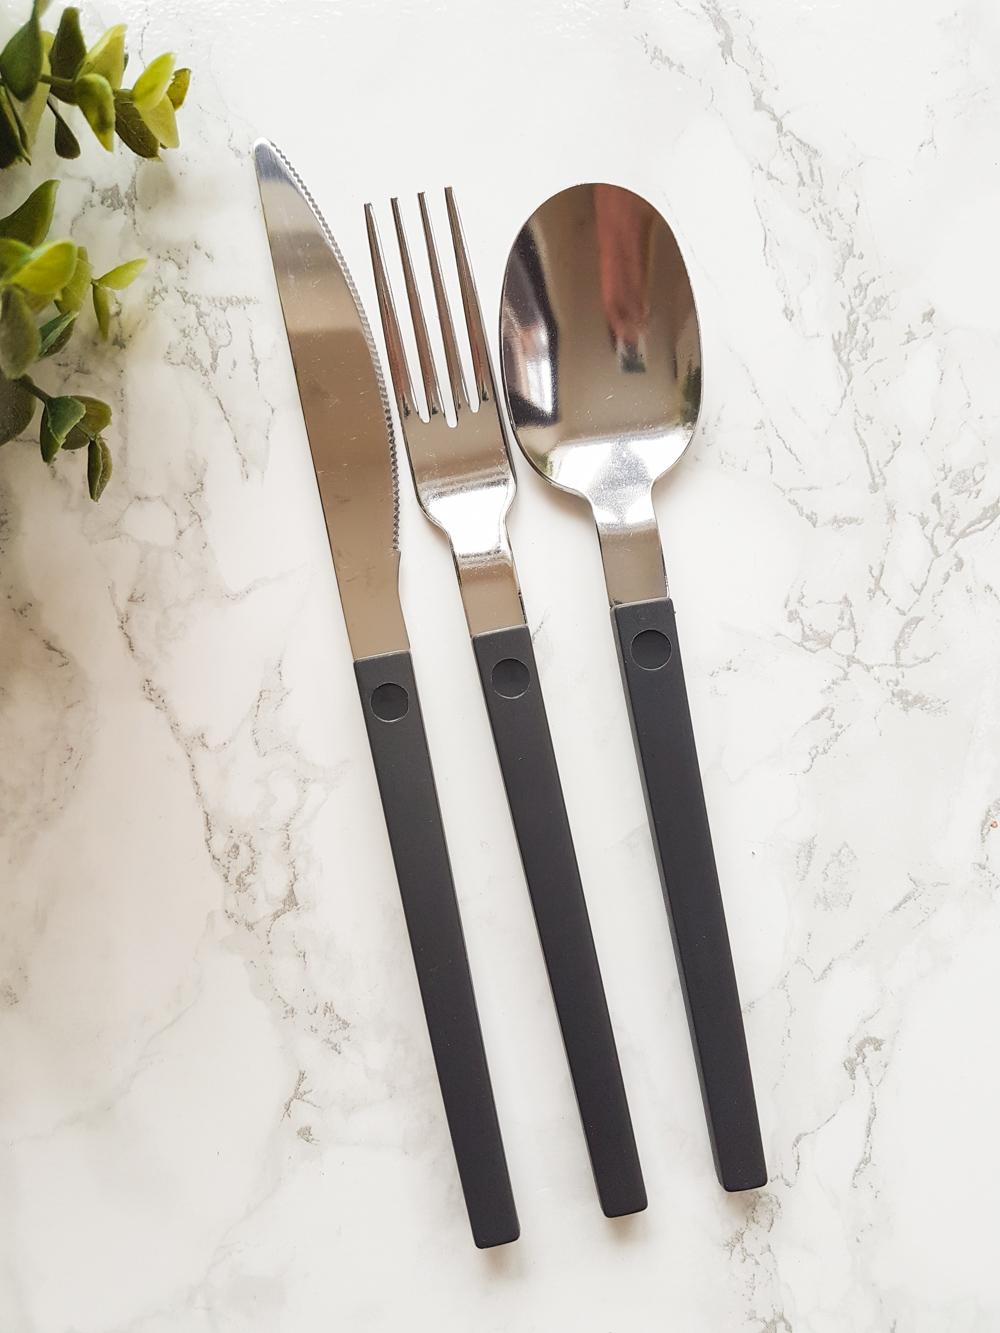 Zero Waste Cutlery